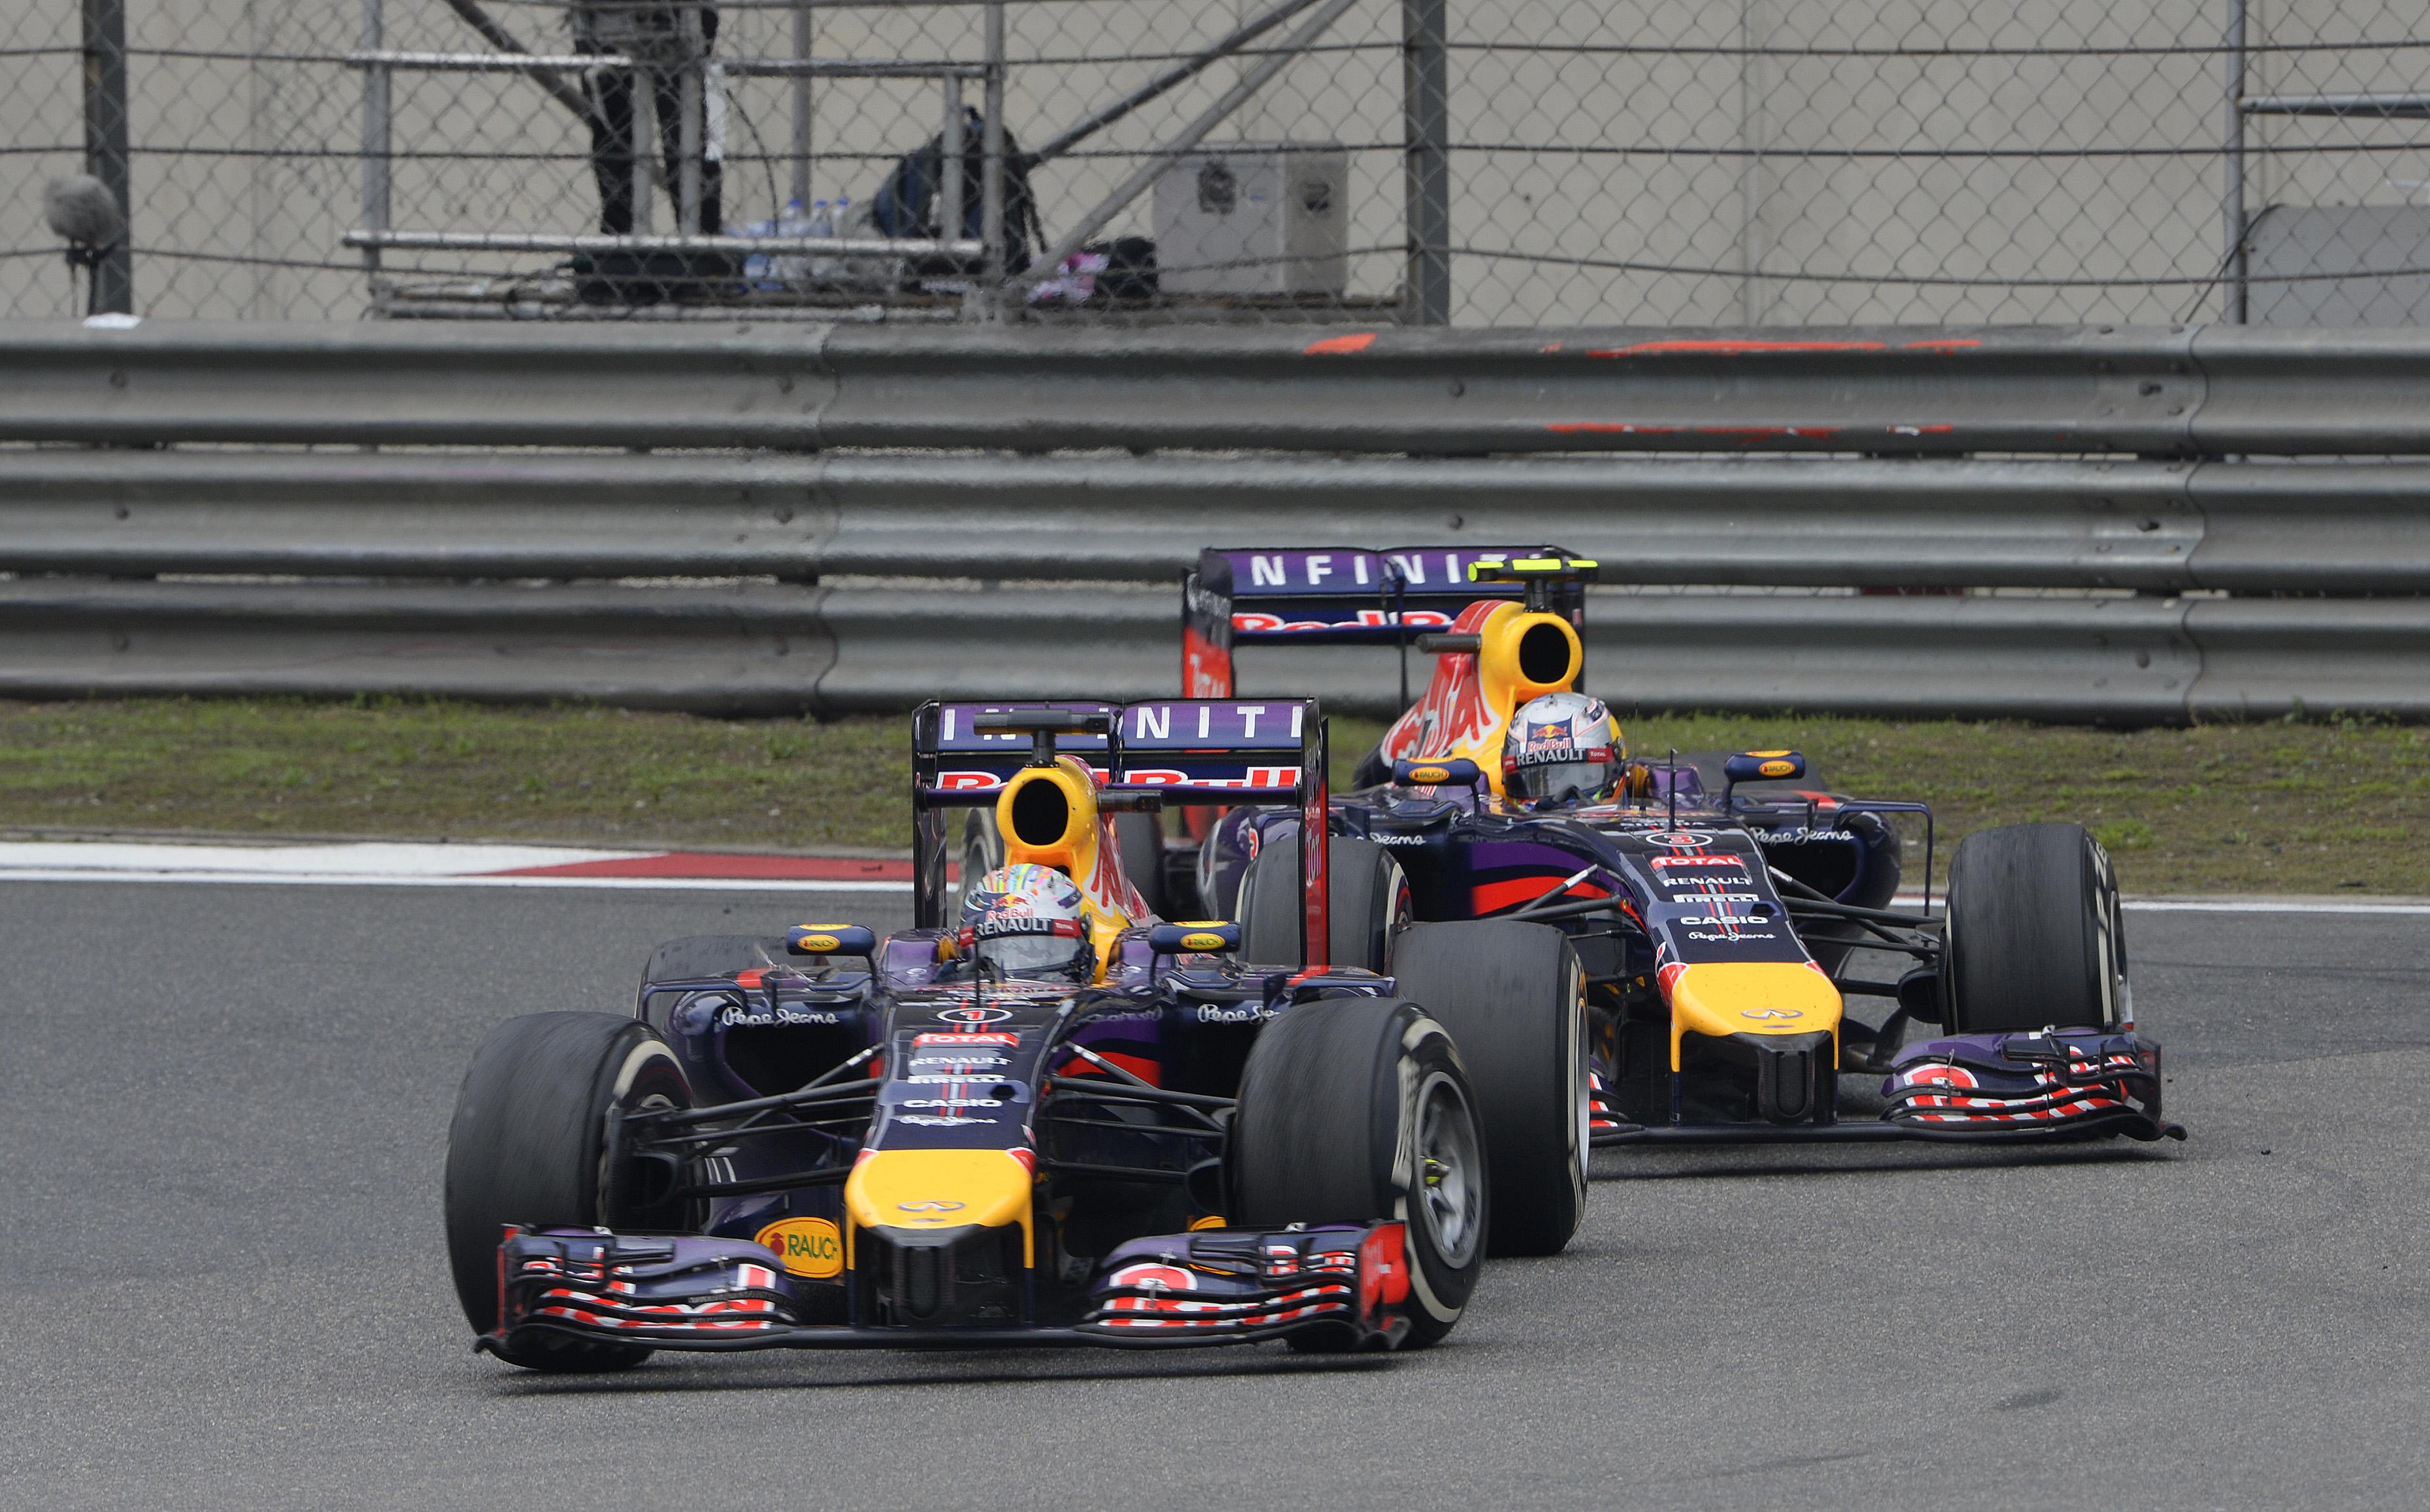 Vettel nem felejtett el vezetni - iszonyatos potenciál van az RB10-ben